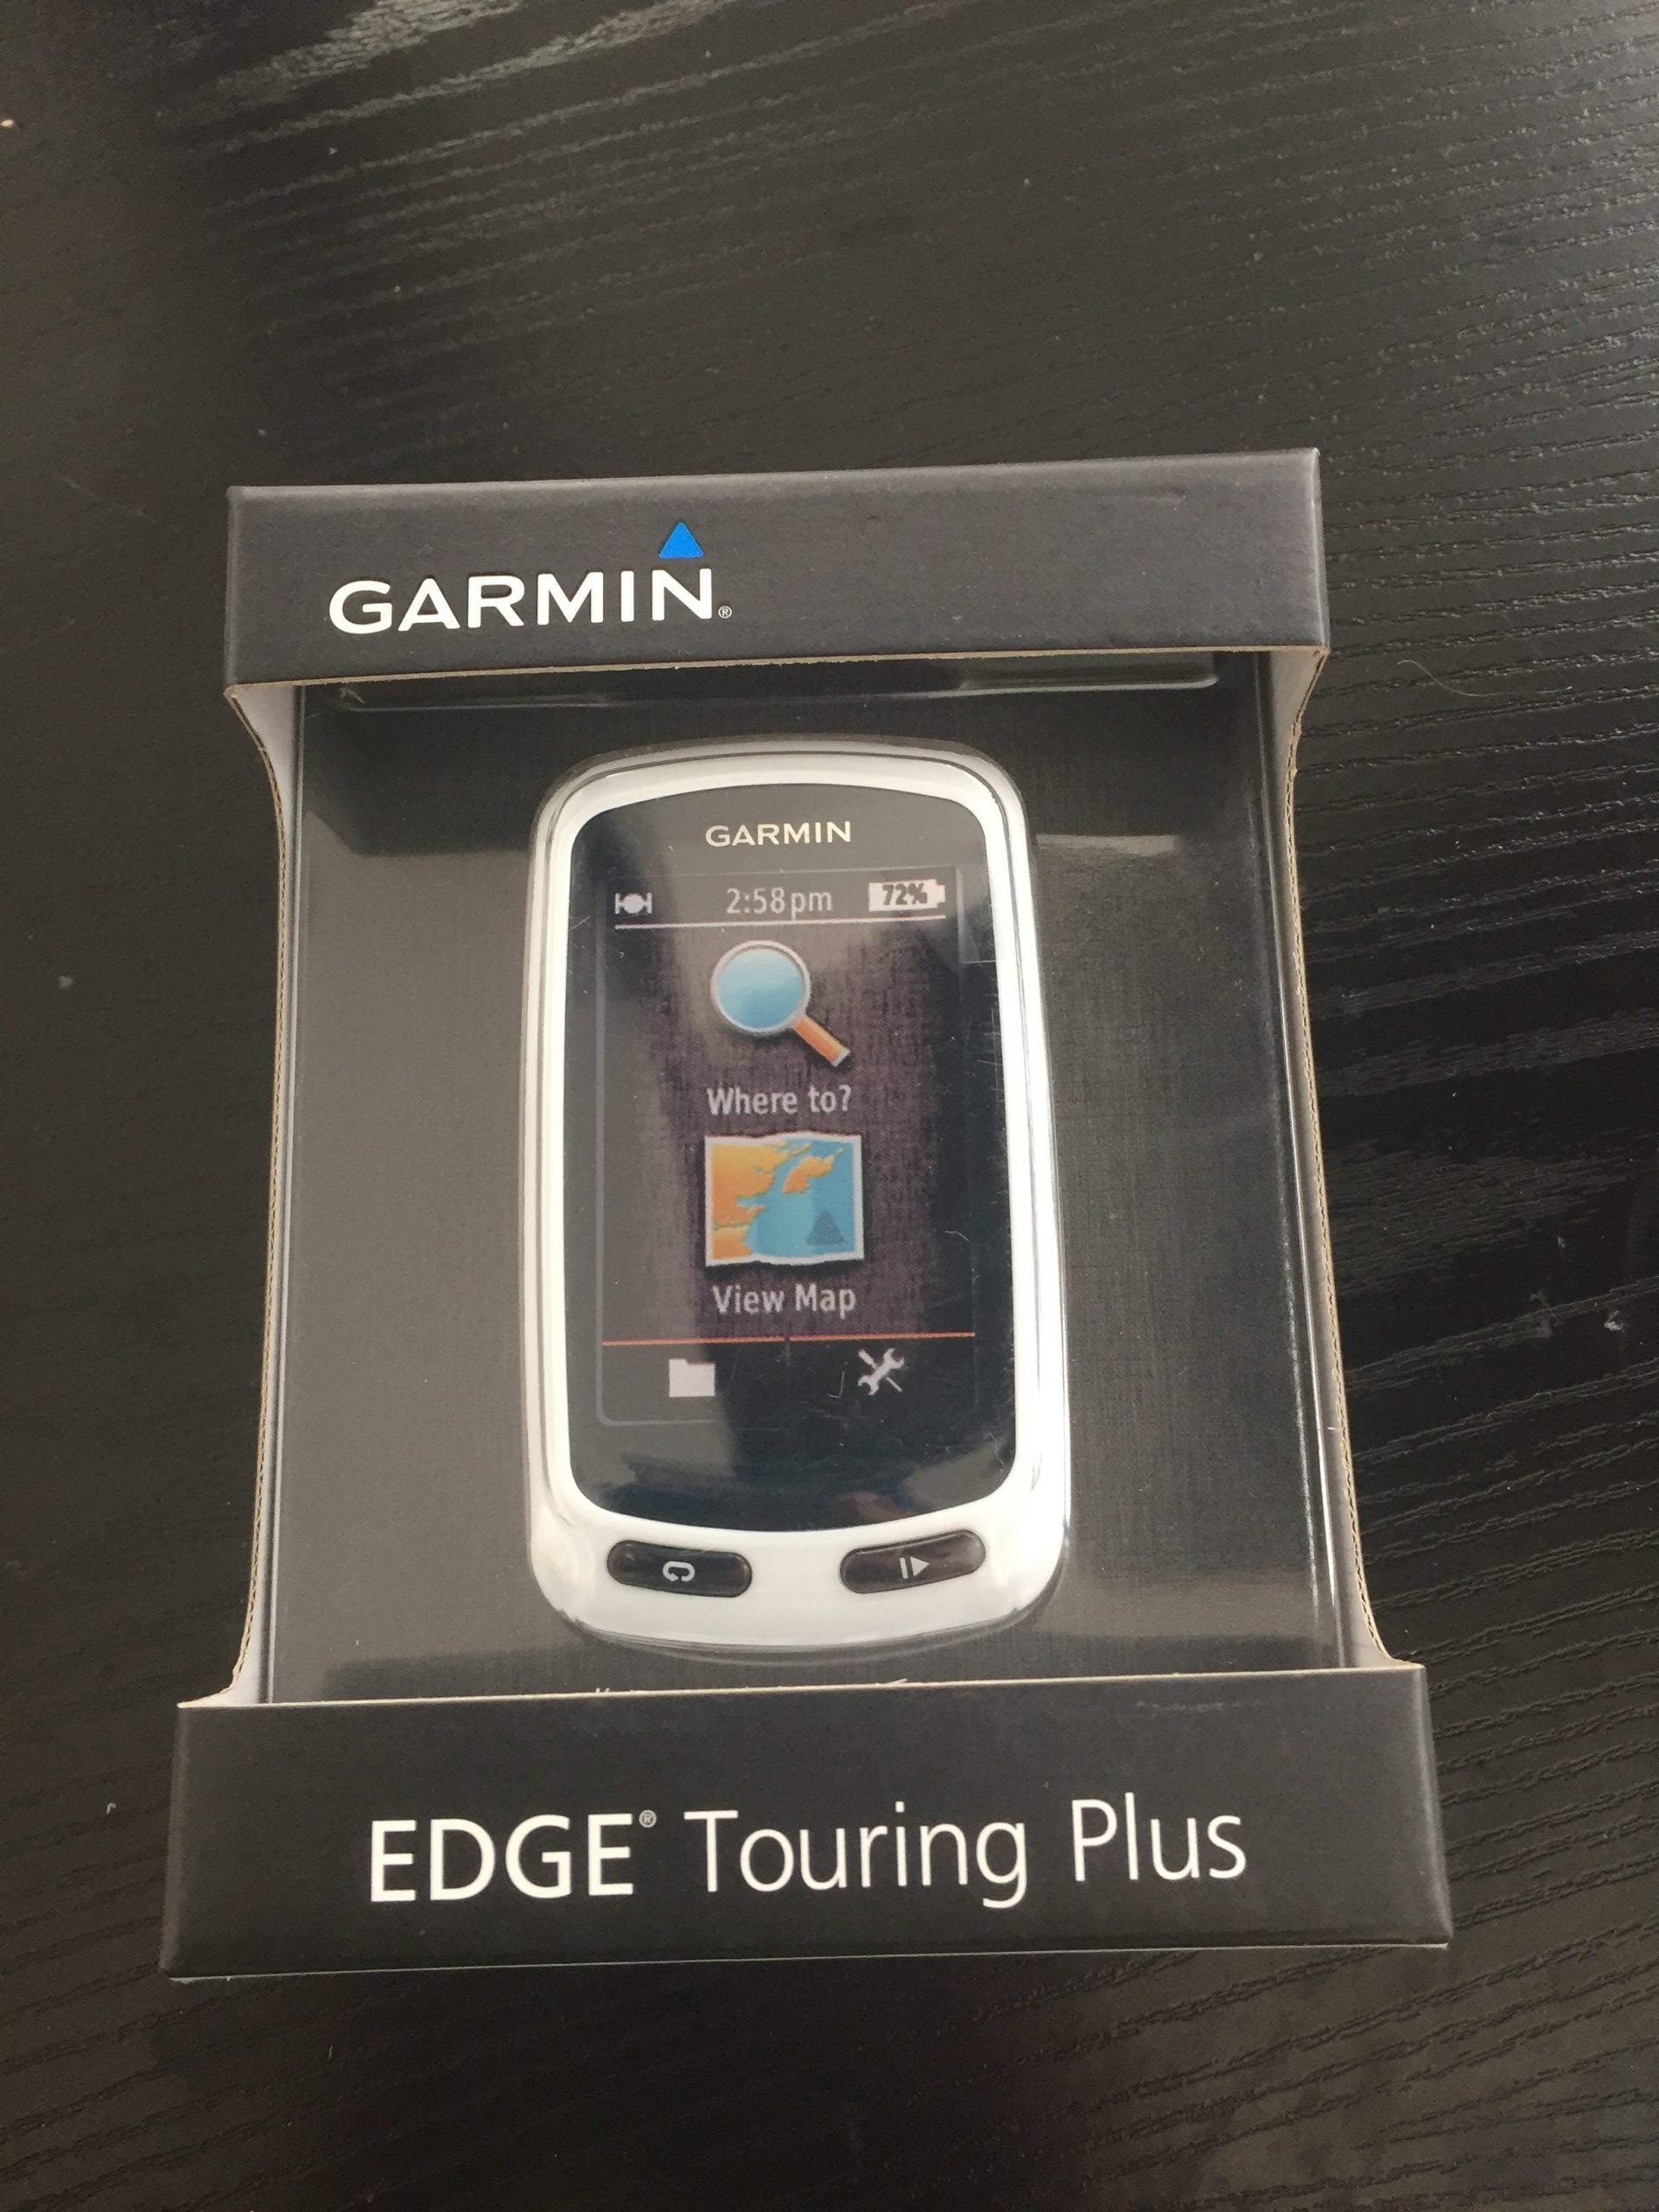 Garmin Touring Plus